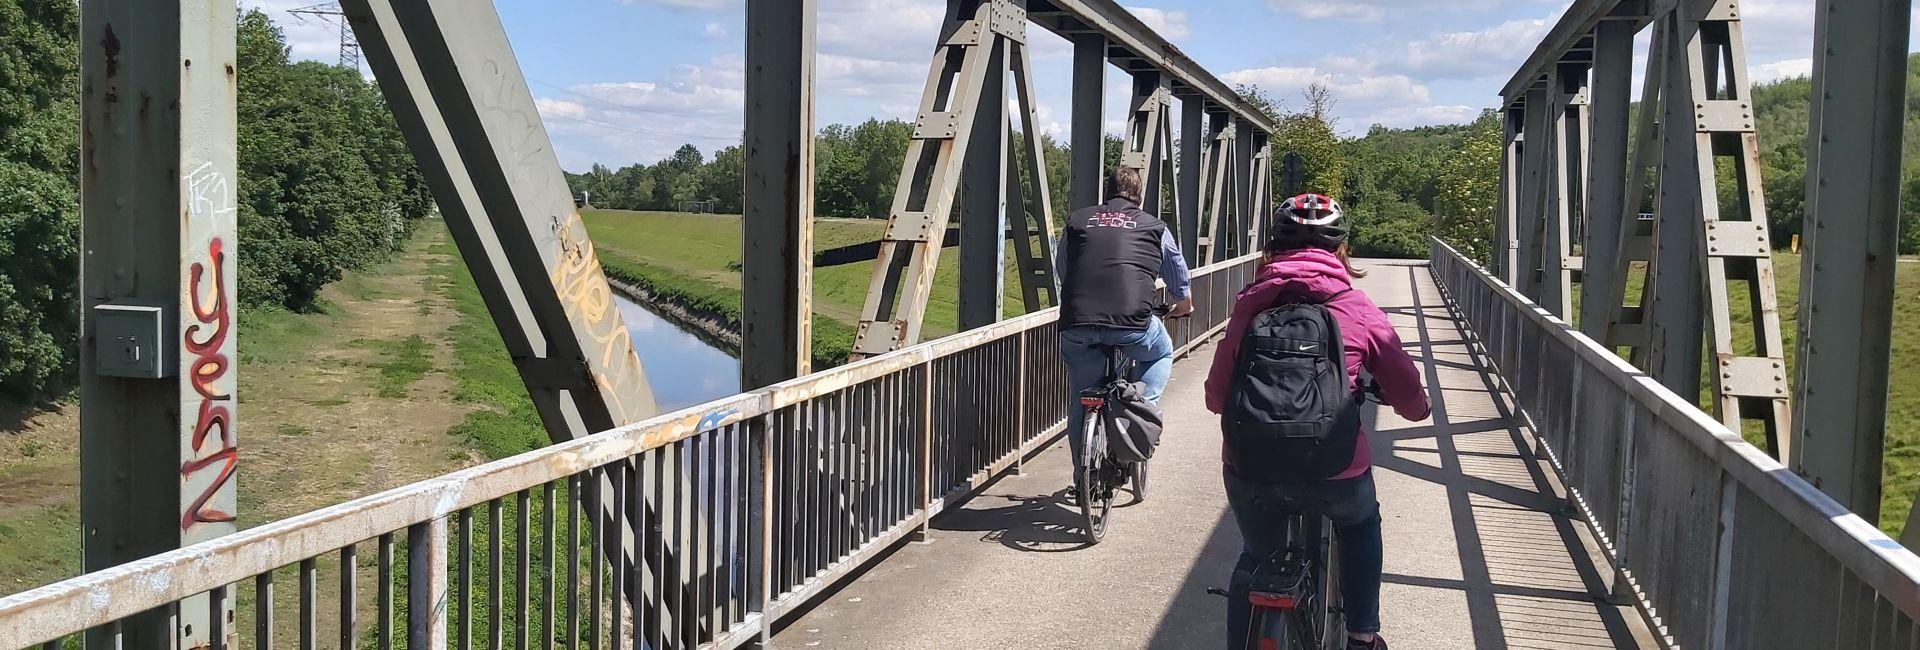 Fahrradfahrer auf der Brücke Fahrradtour Ruhrgebiet